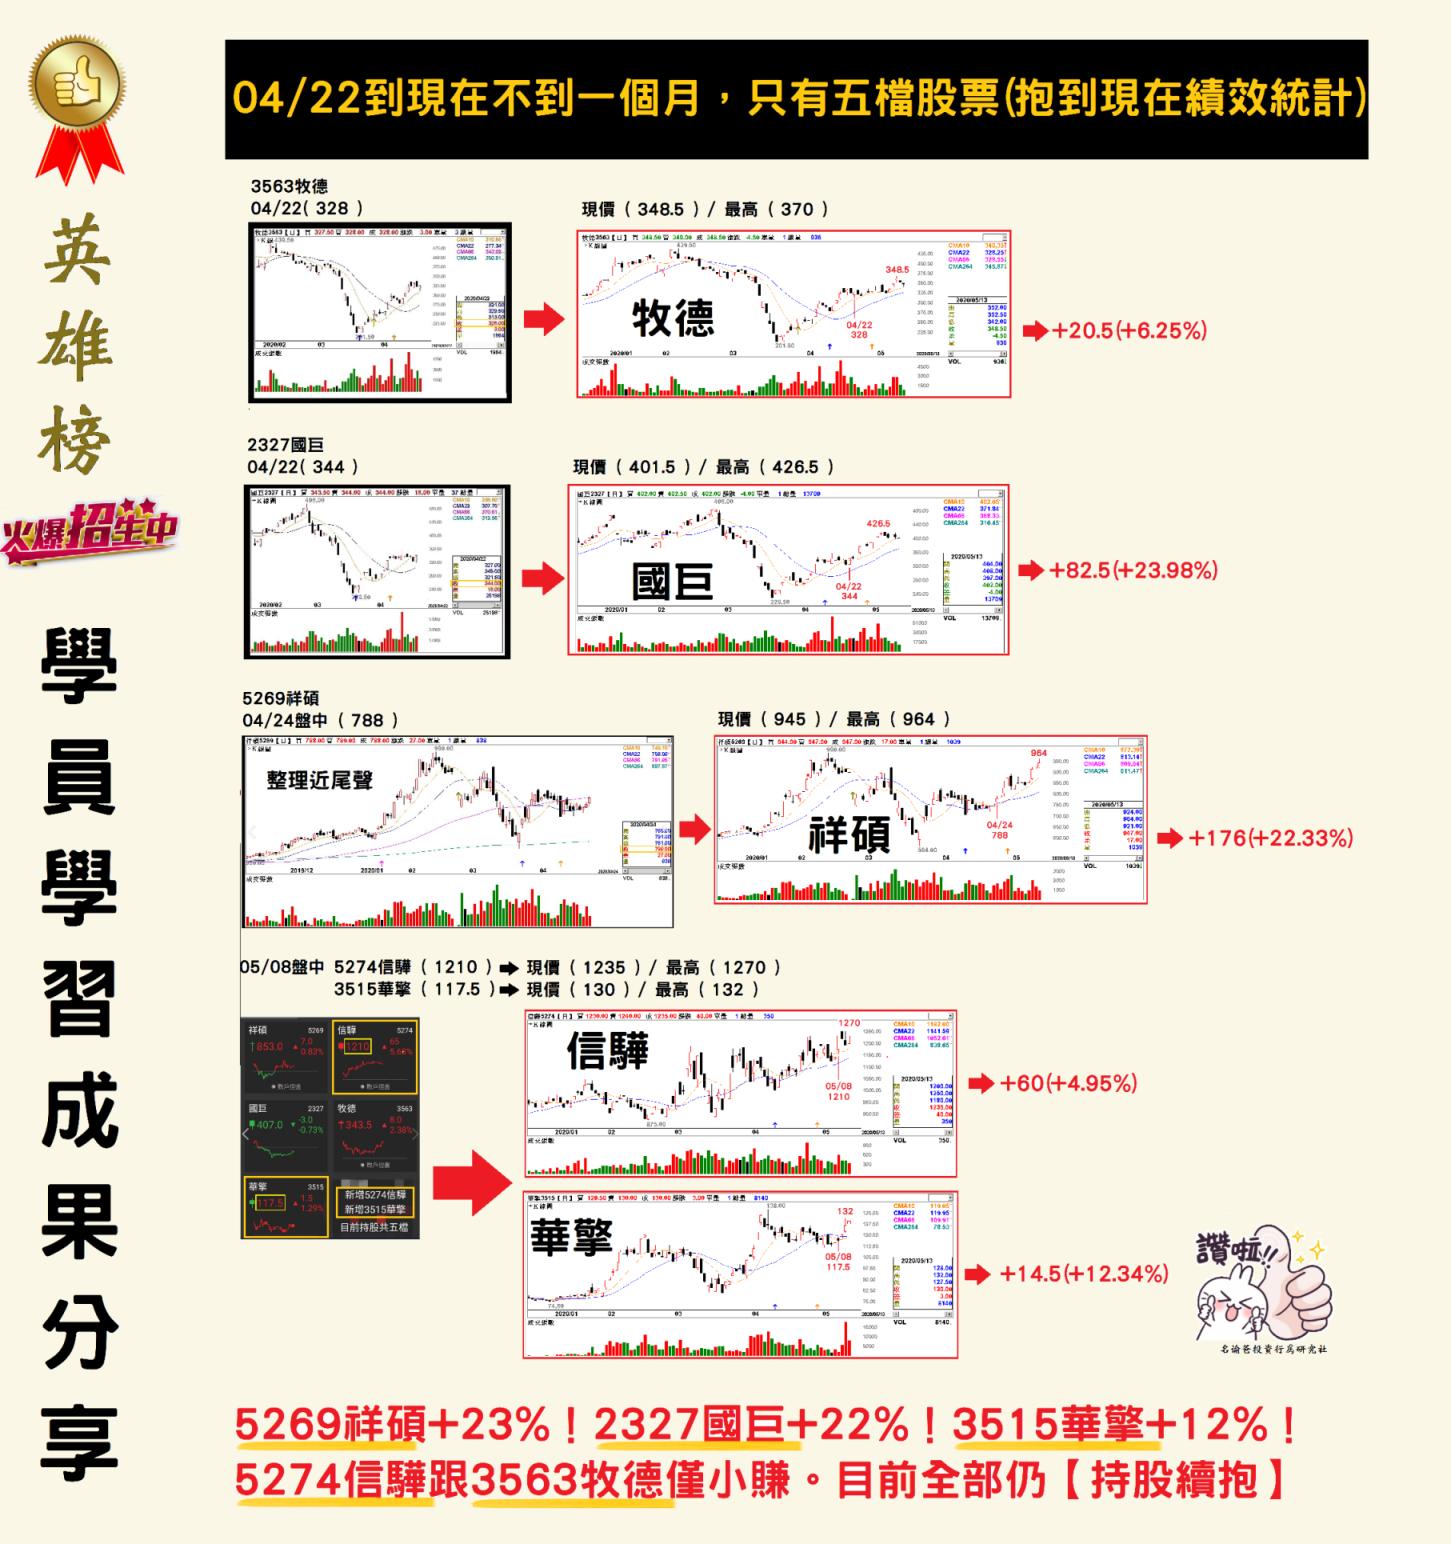 【名諭爸學員學習成果分享】恭喜5269祥碩三週大賺+176元(+23%)!